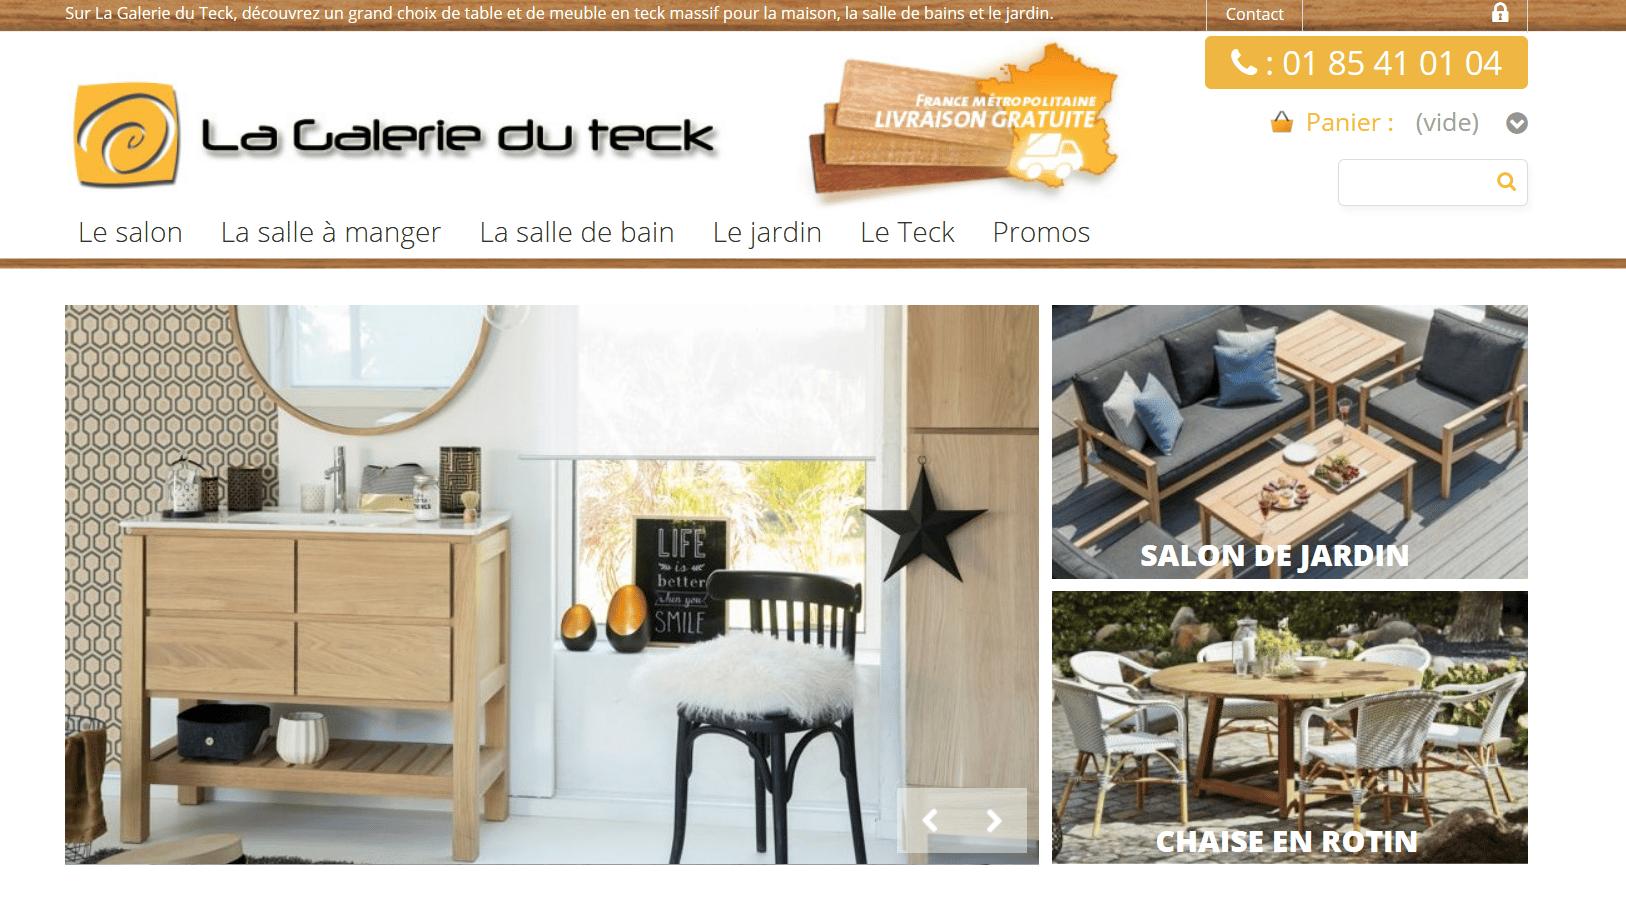 La Galerie du Teck : spécialiste des meubles en teck - Top ...